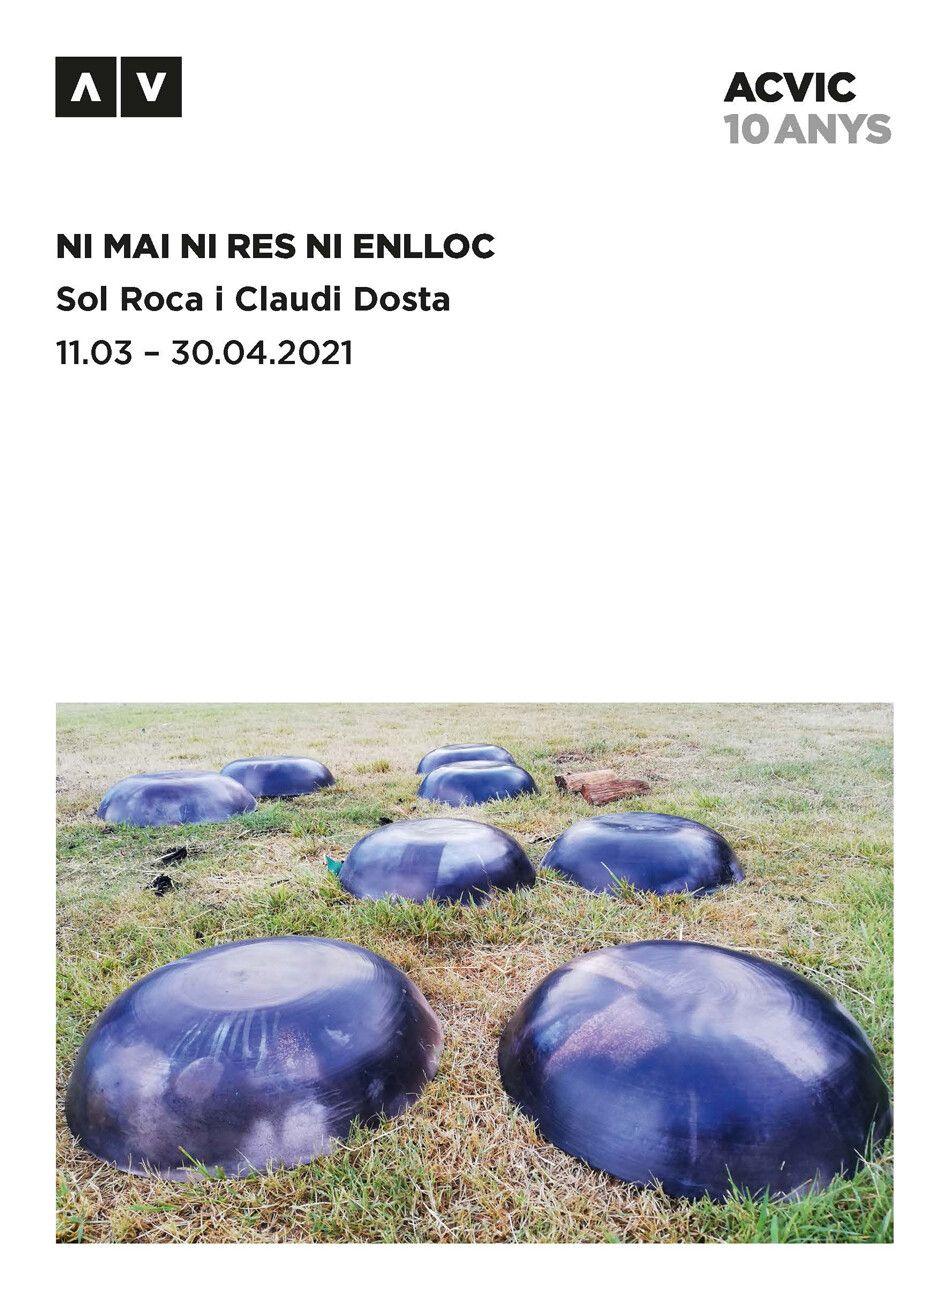 11 03 2021 sol roca